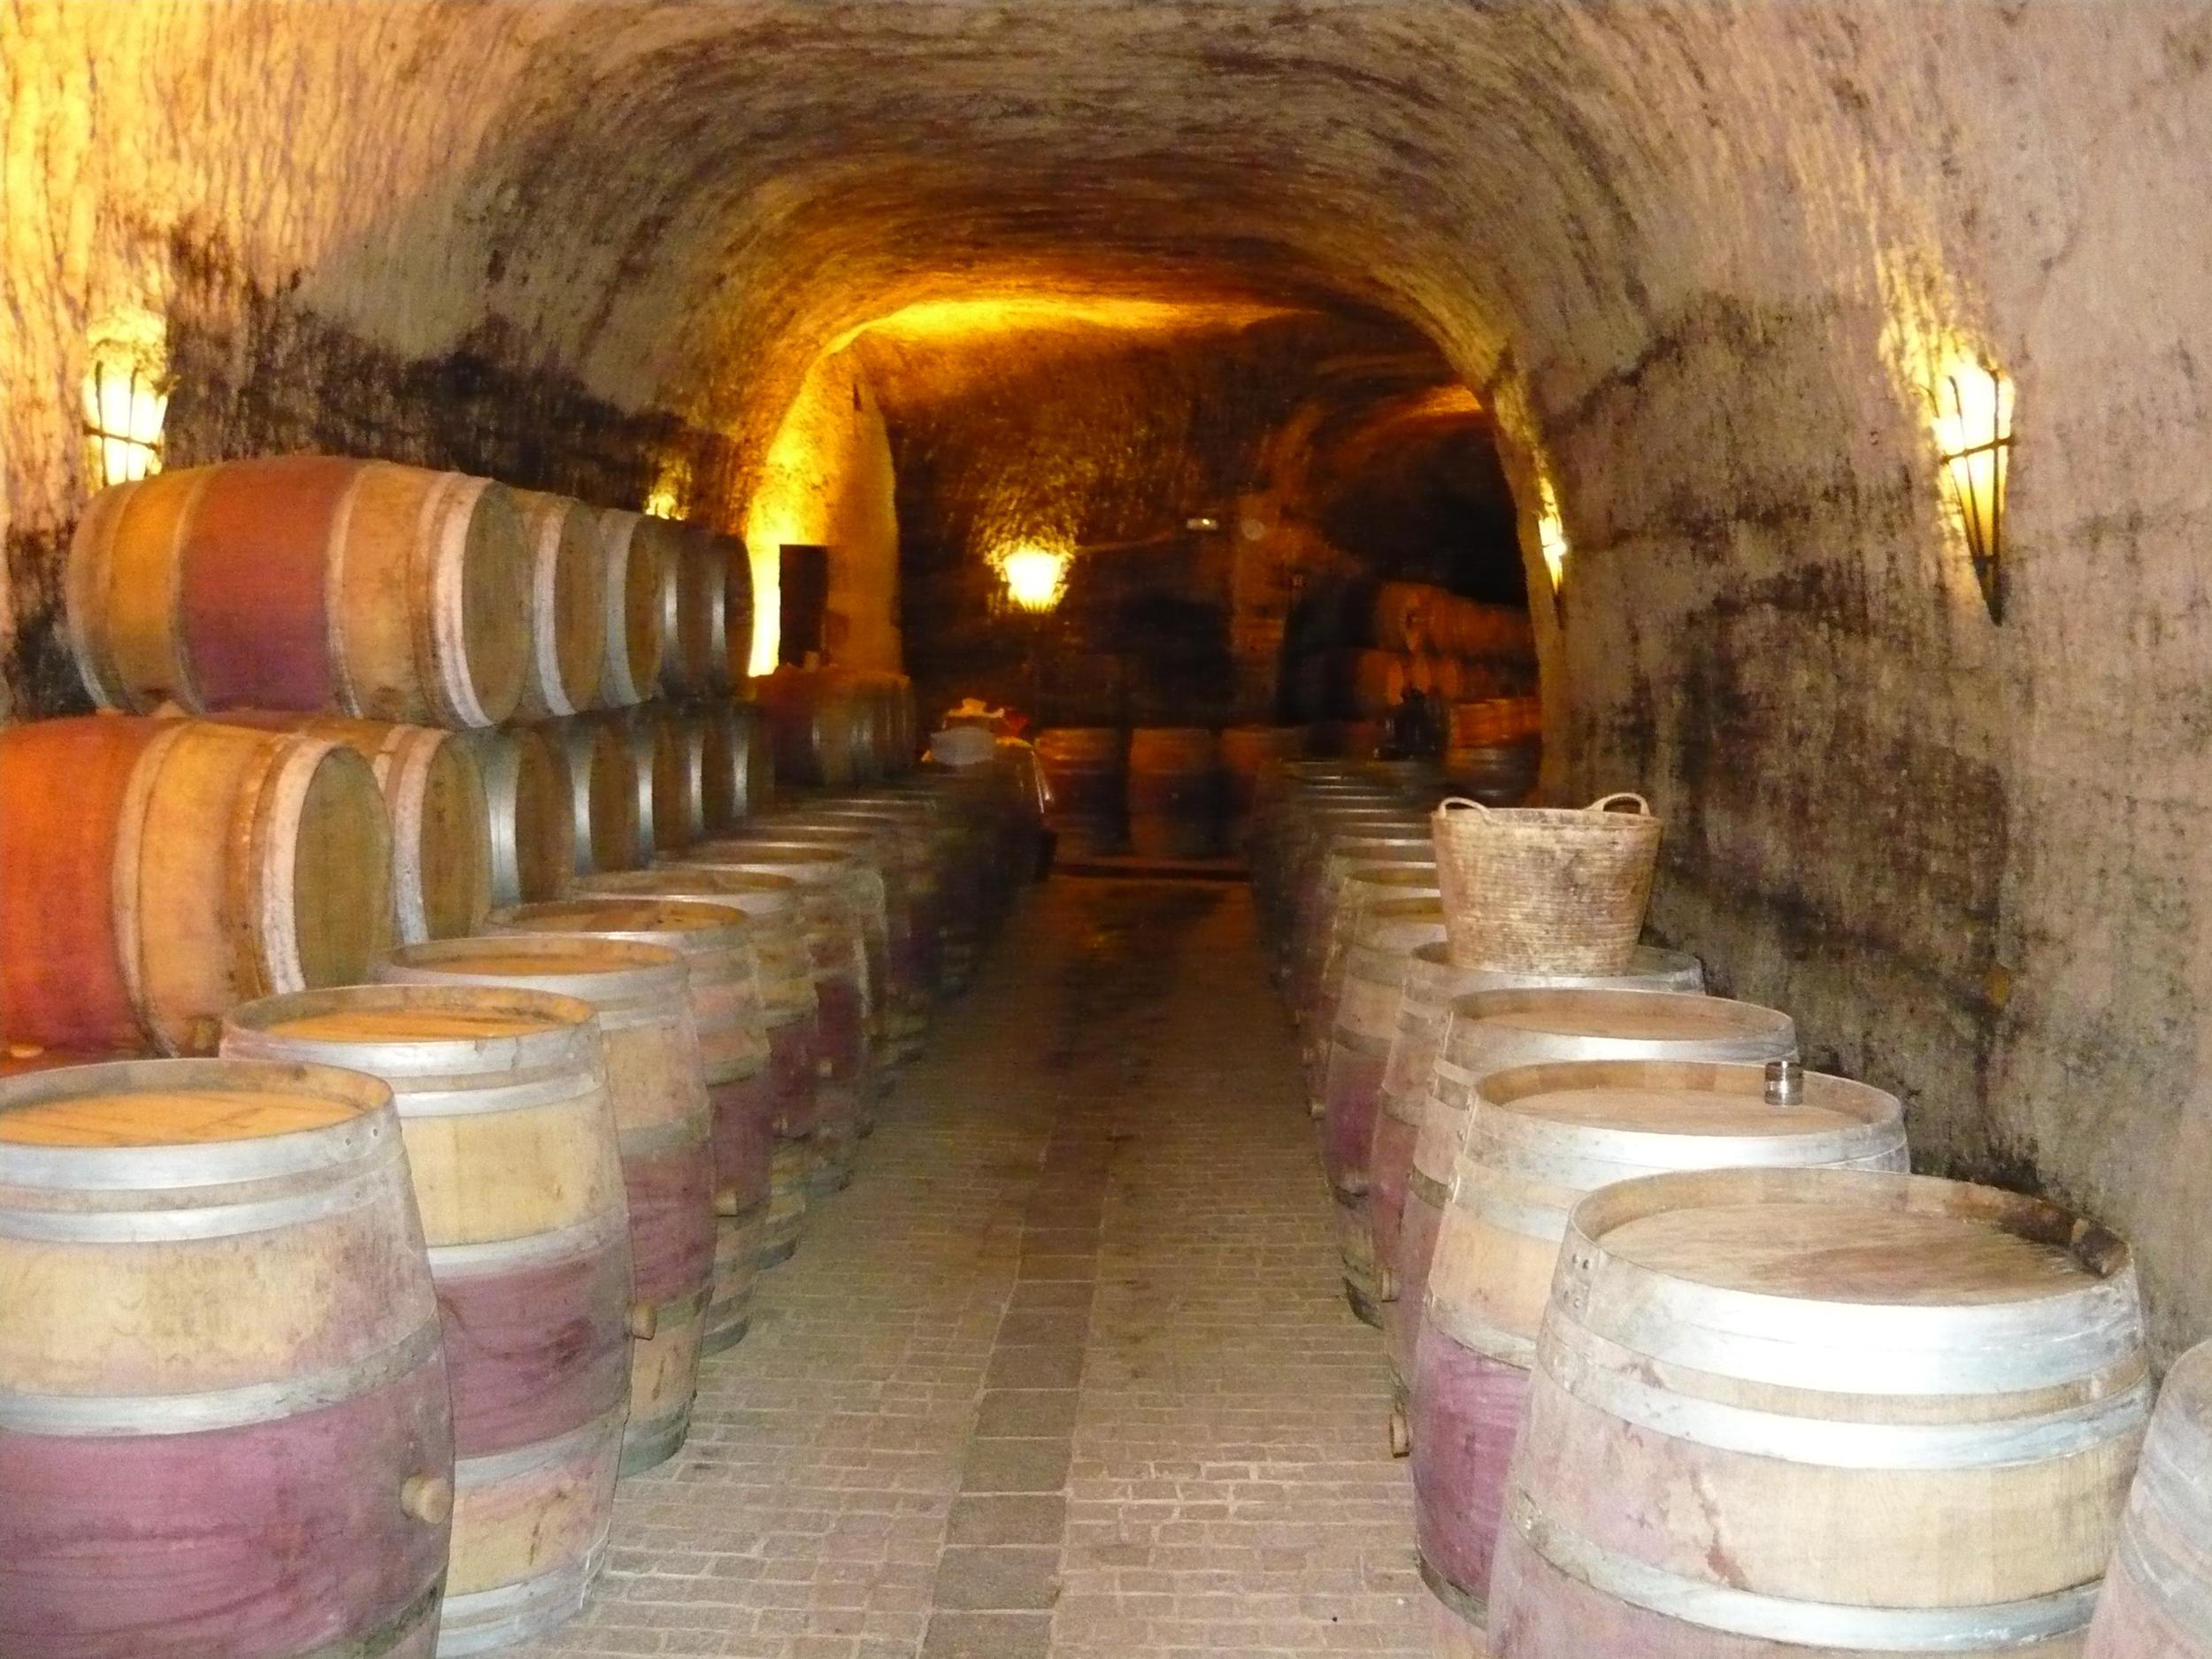 wine-barrels-in-cellar.jpg